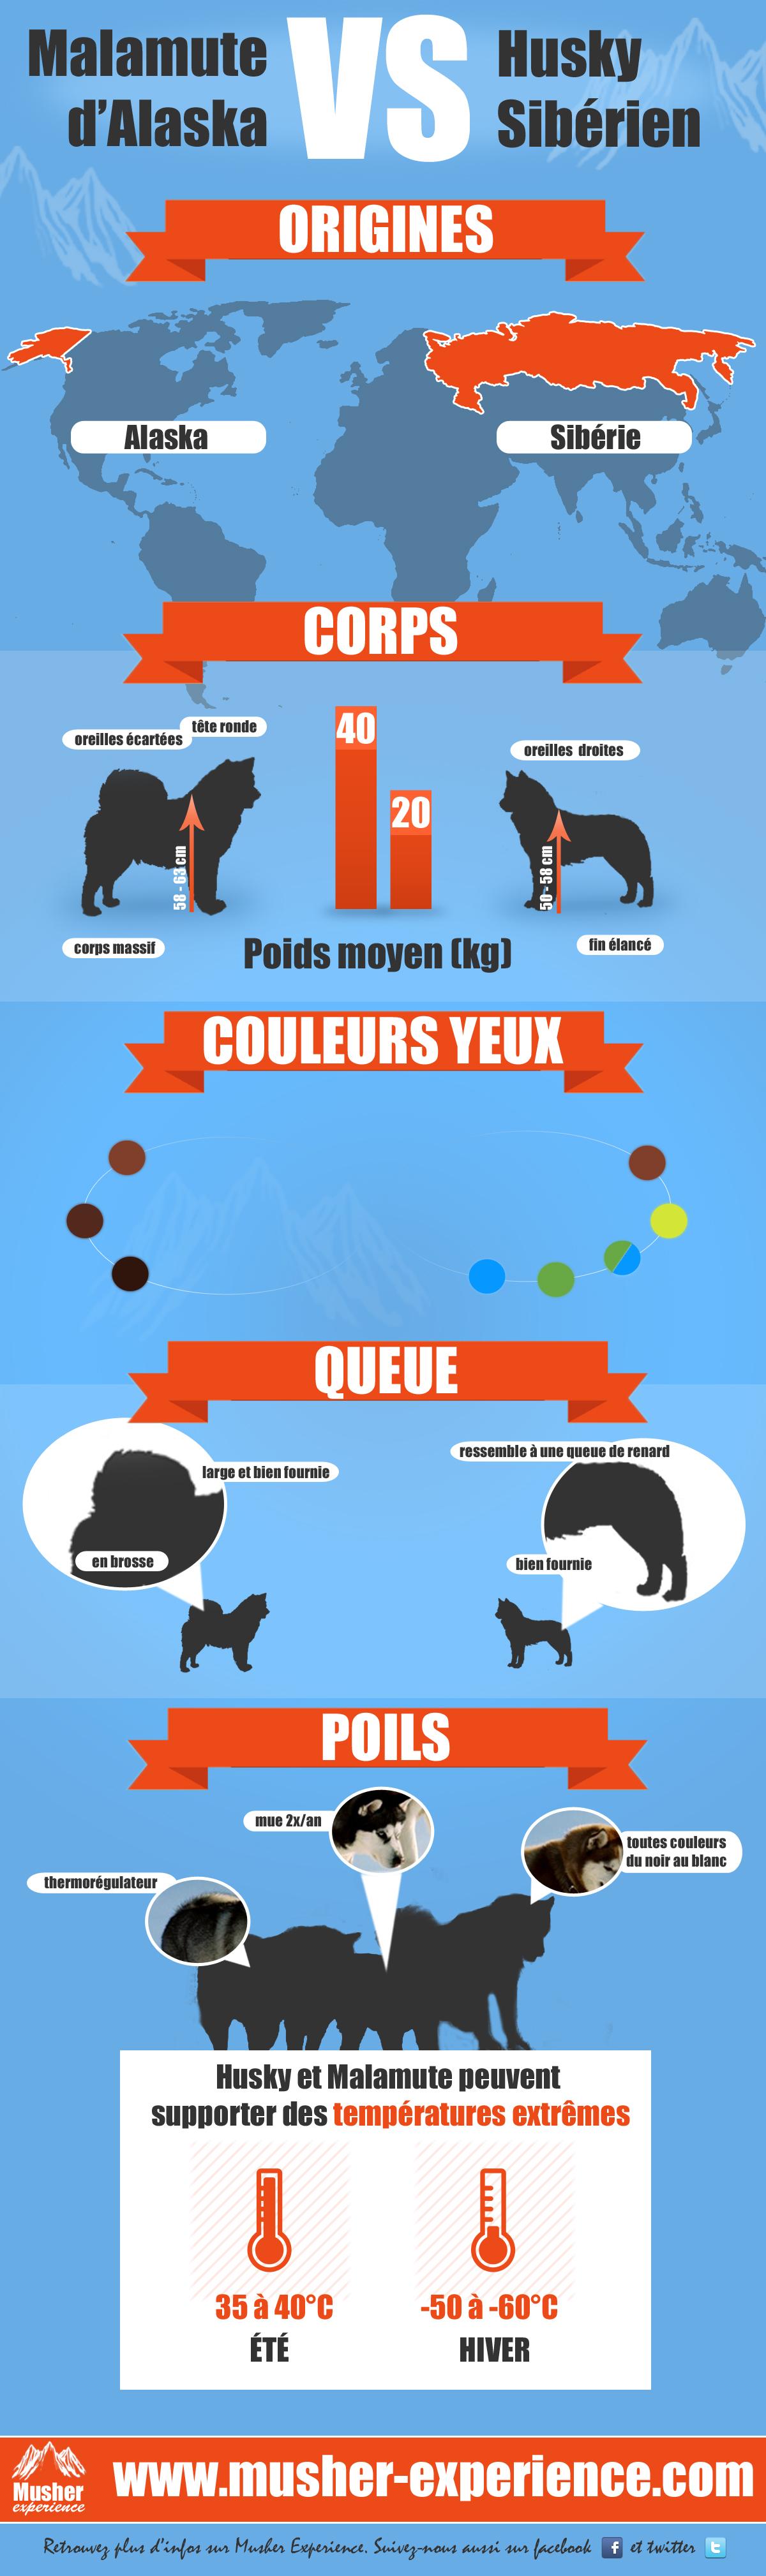 infographie malamute vs husky